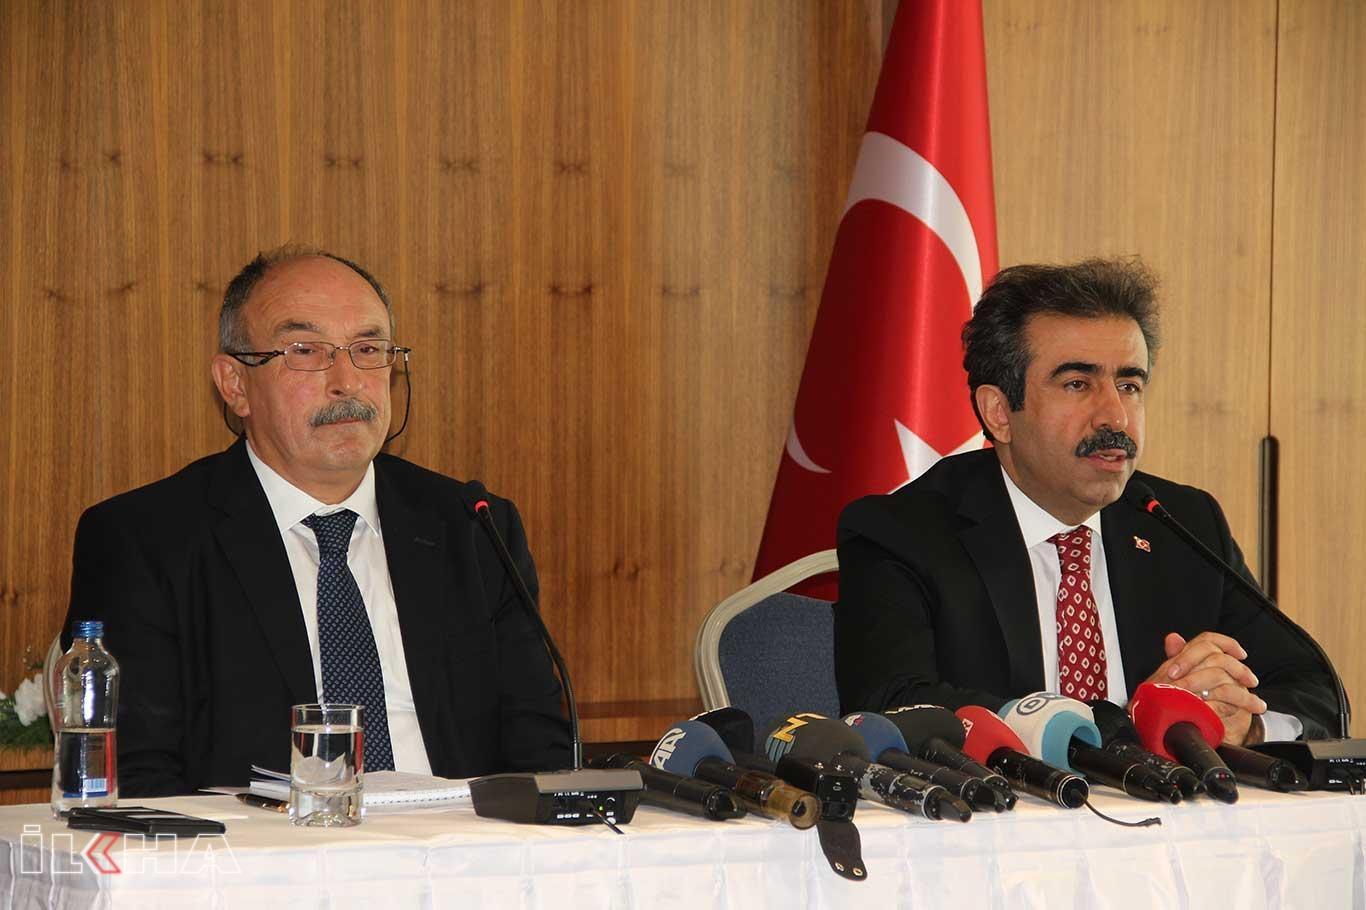 Dışişleri Bakanlığı Diyarbakır İrtibat Bürosu konulu basın toplantısı yapıldı.